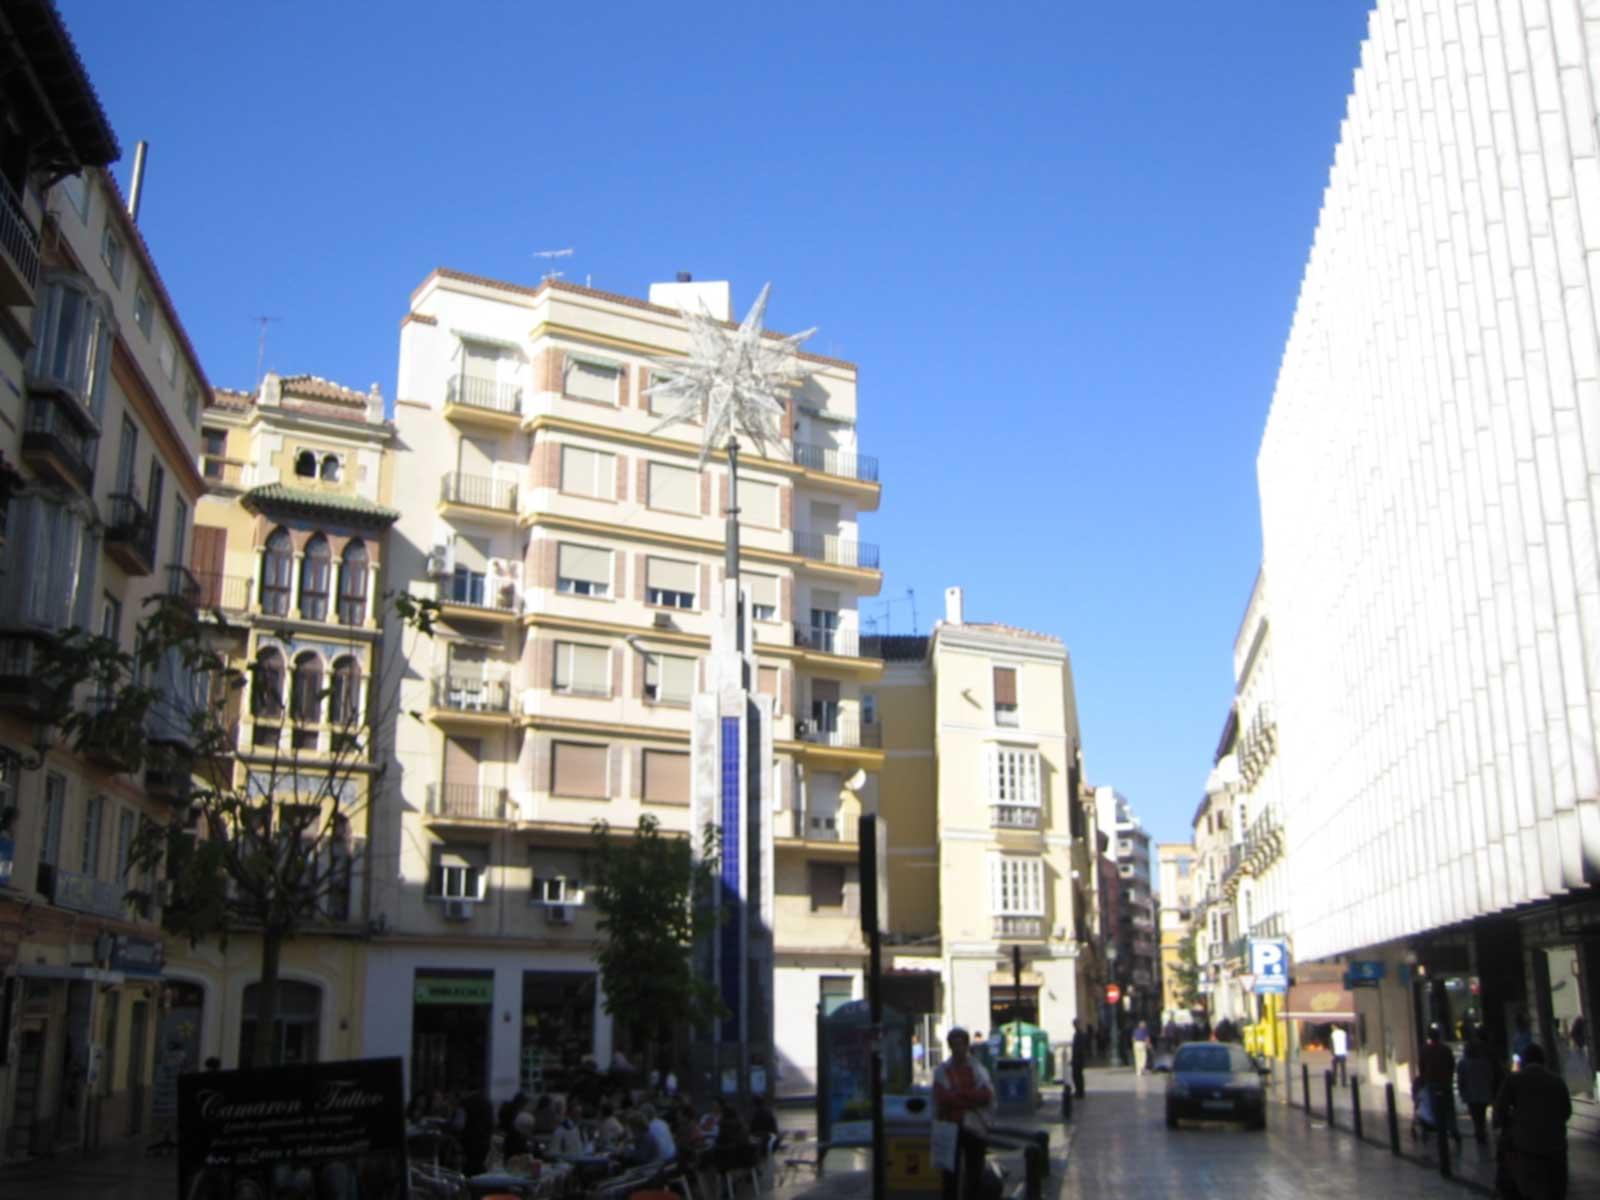 Paseando con inda calles y plazas de malaga iii for Plaza uncibay